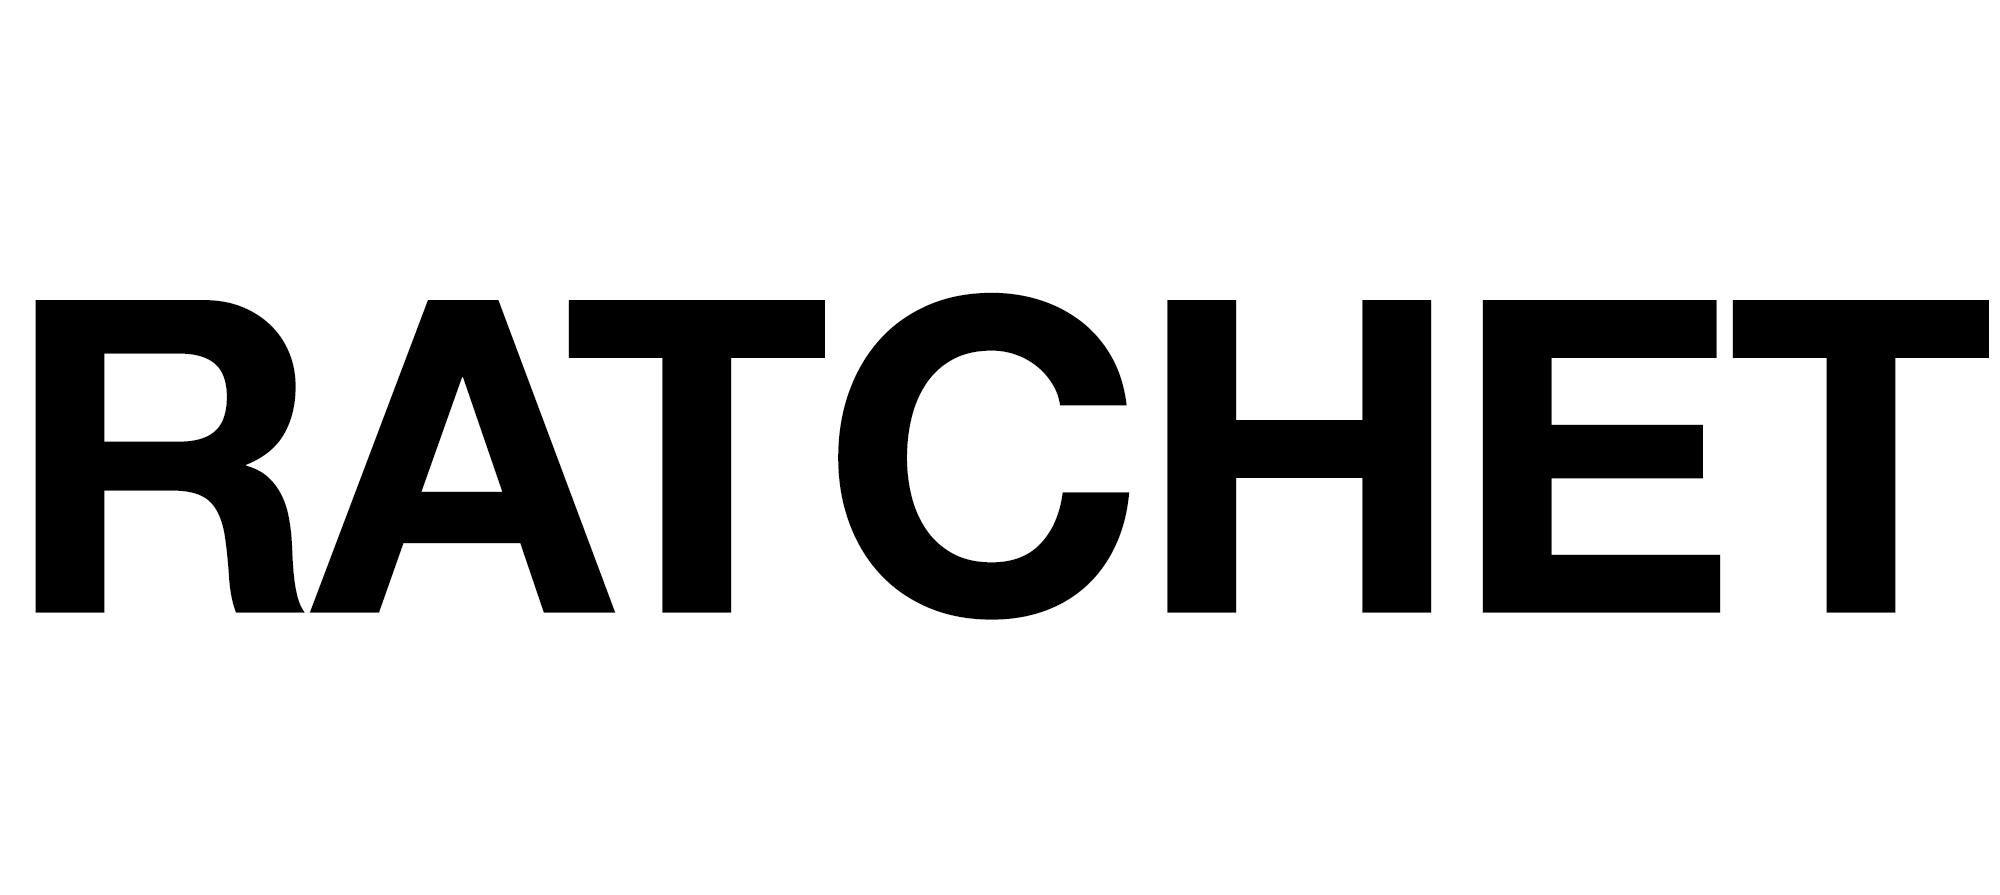 Yes Please - RATCHET Style Bindings